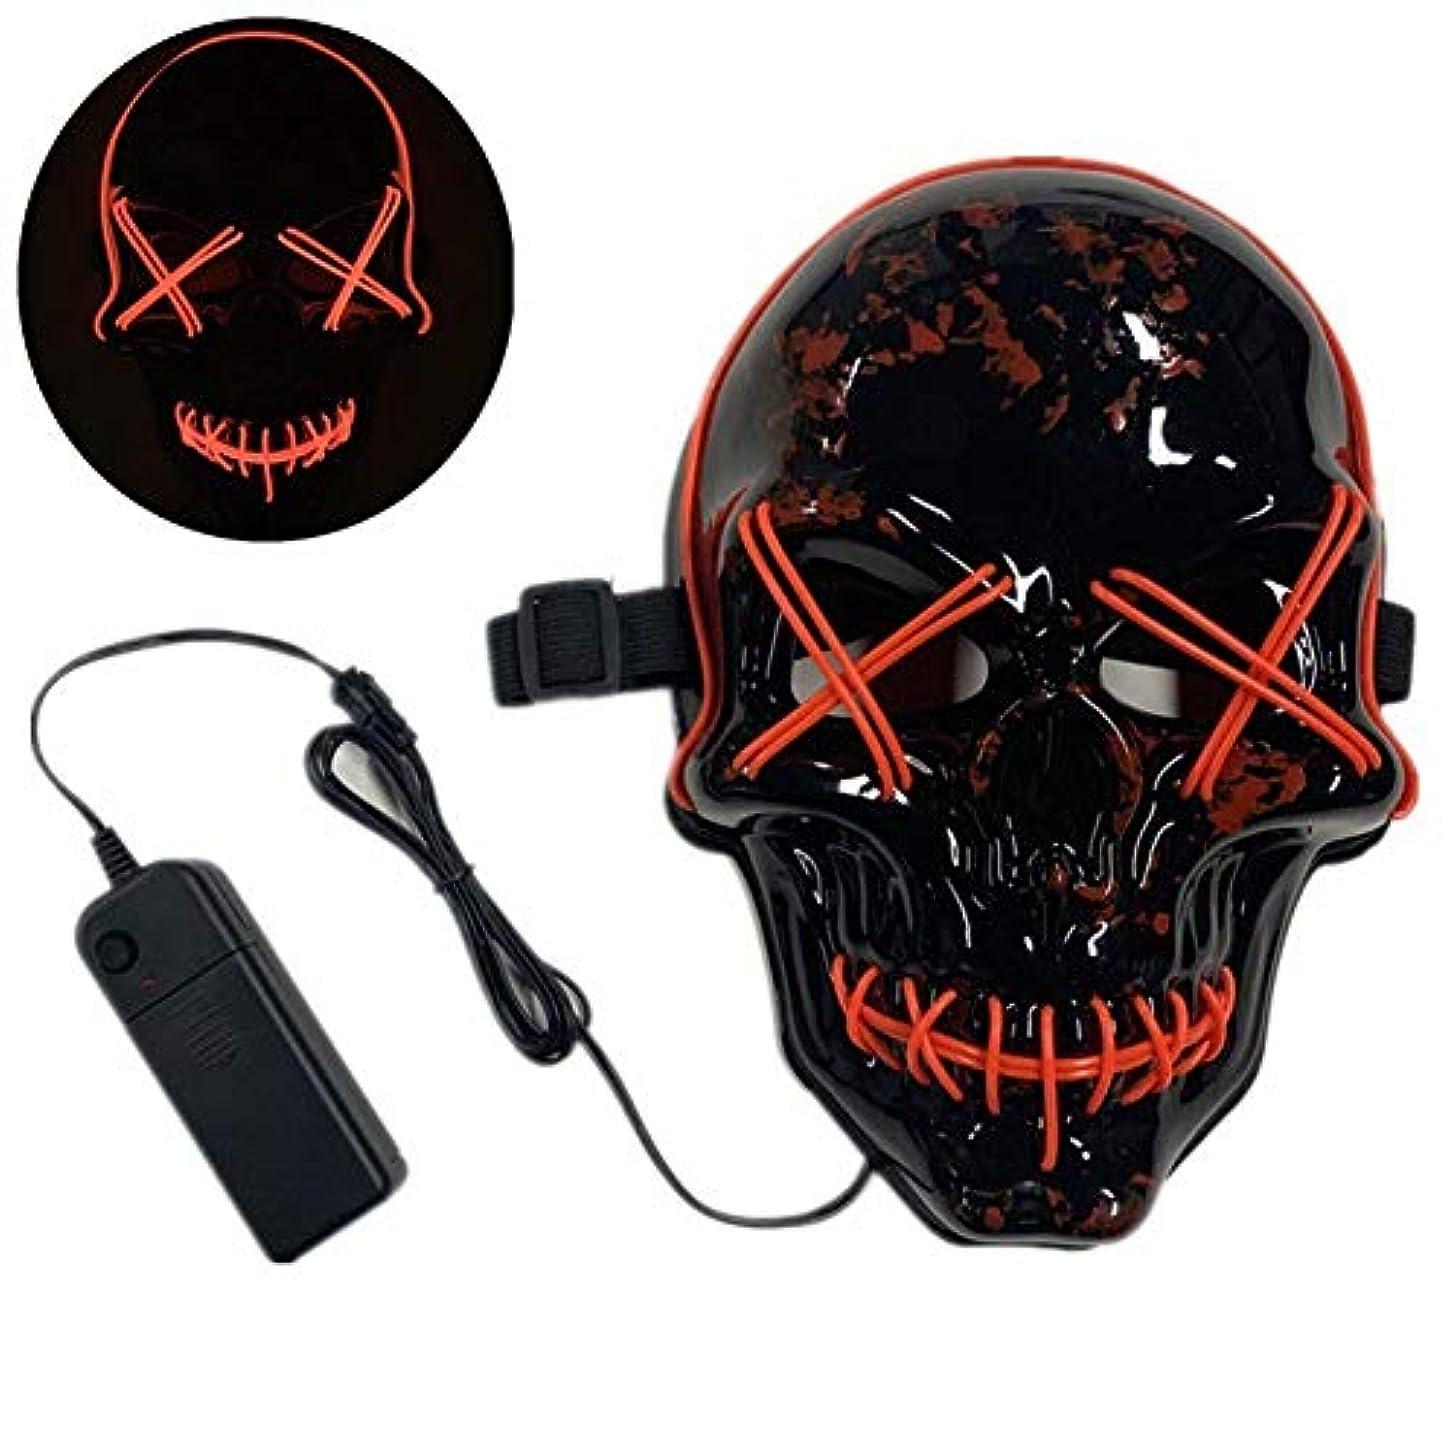 よろめく項目現代ハロウィーンマスク、しかめっ面、テーマパーティー、カーニバル、ハロウィーン、レイブパーティー、クリスマスなどに適しています。,Red